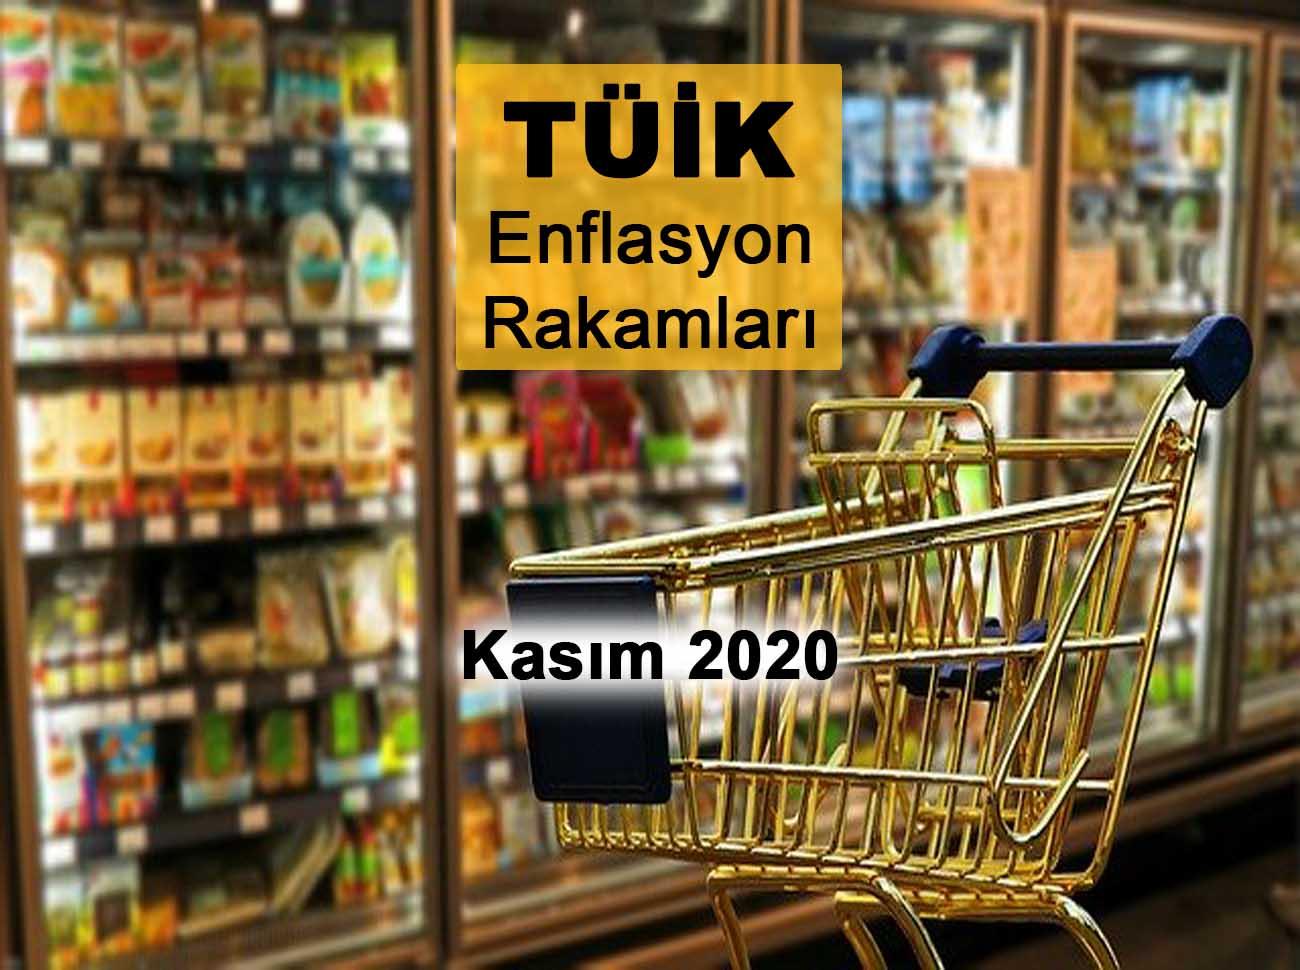 Enflasyon Rakamları (Kasım 2020) Açıklandı